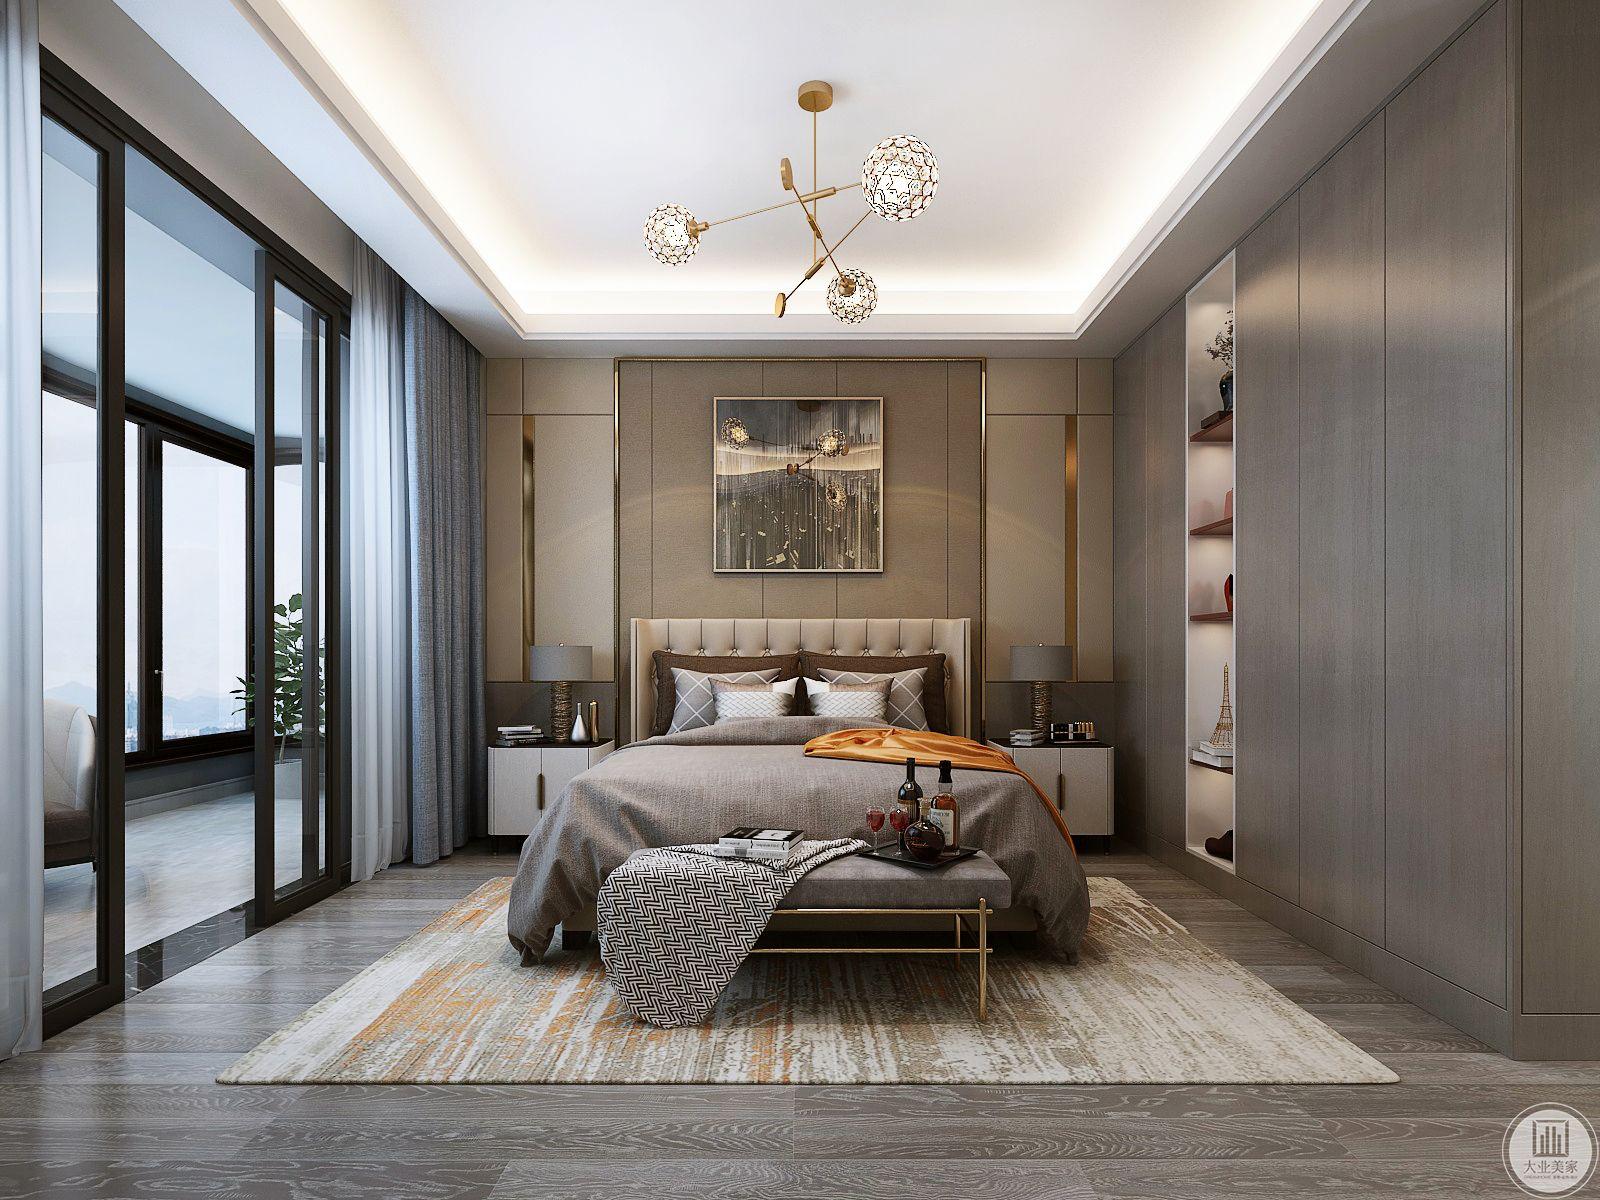 卧室地面采用深灰色木地板,搭配白色地毯,床头背景墙采用深色实木护墙板,一侧橱柜采用深色实木材料。